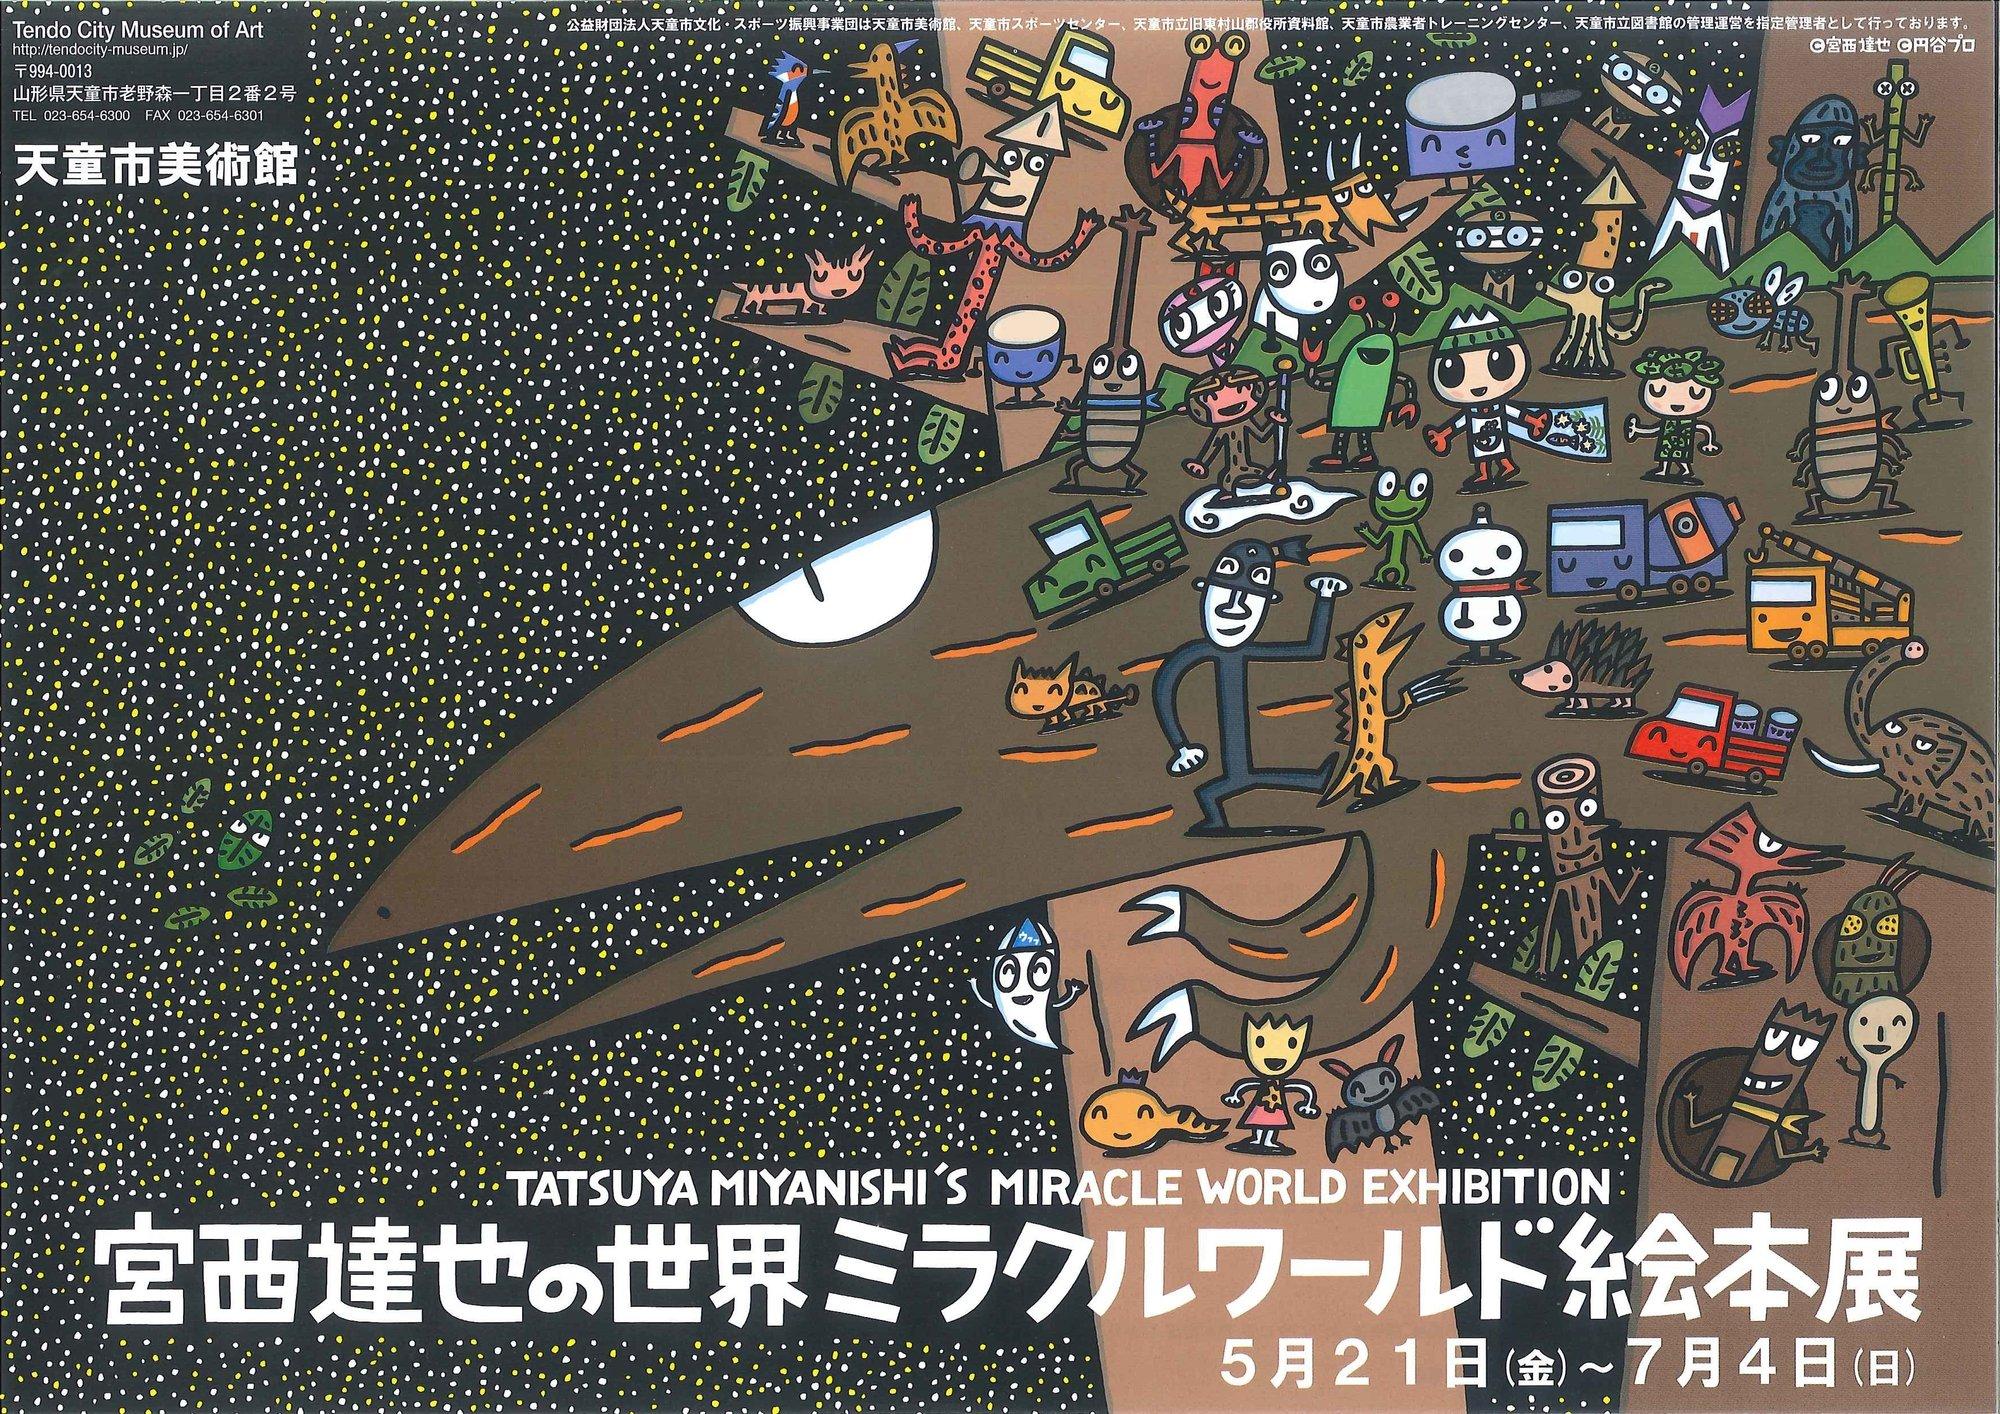 宮西達也の世界ミラクルワールド 絵本展 天童市美術館で開催!